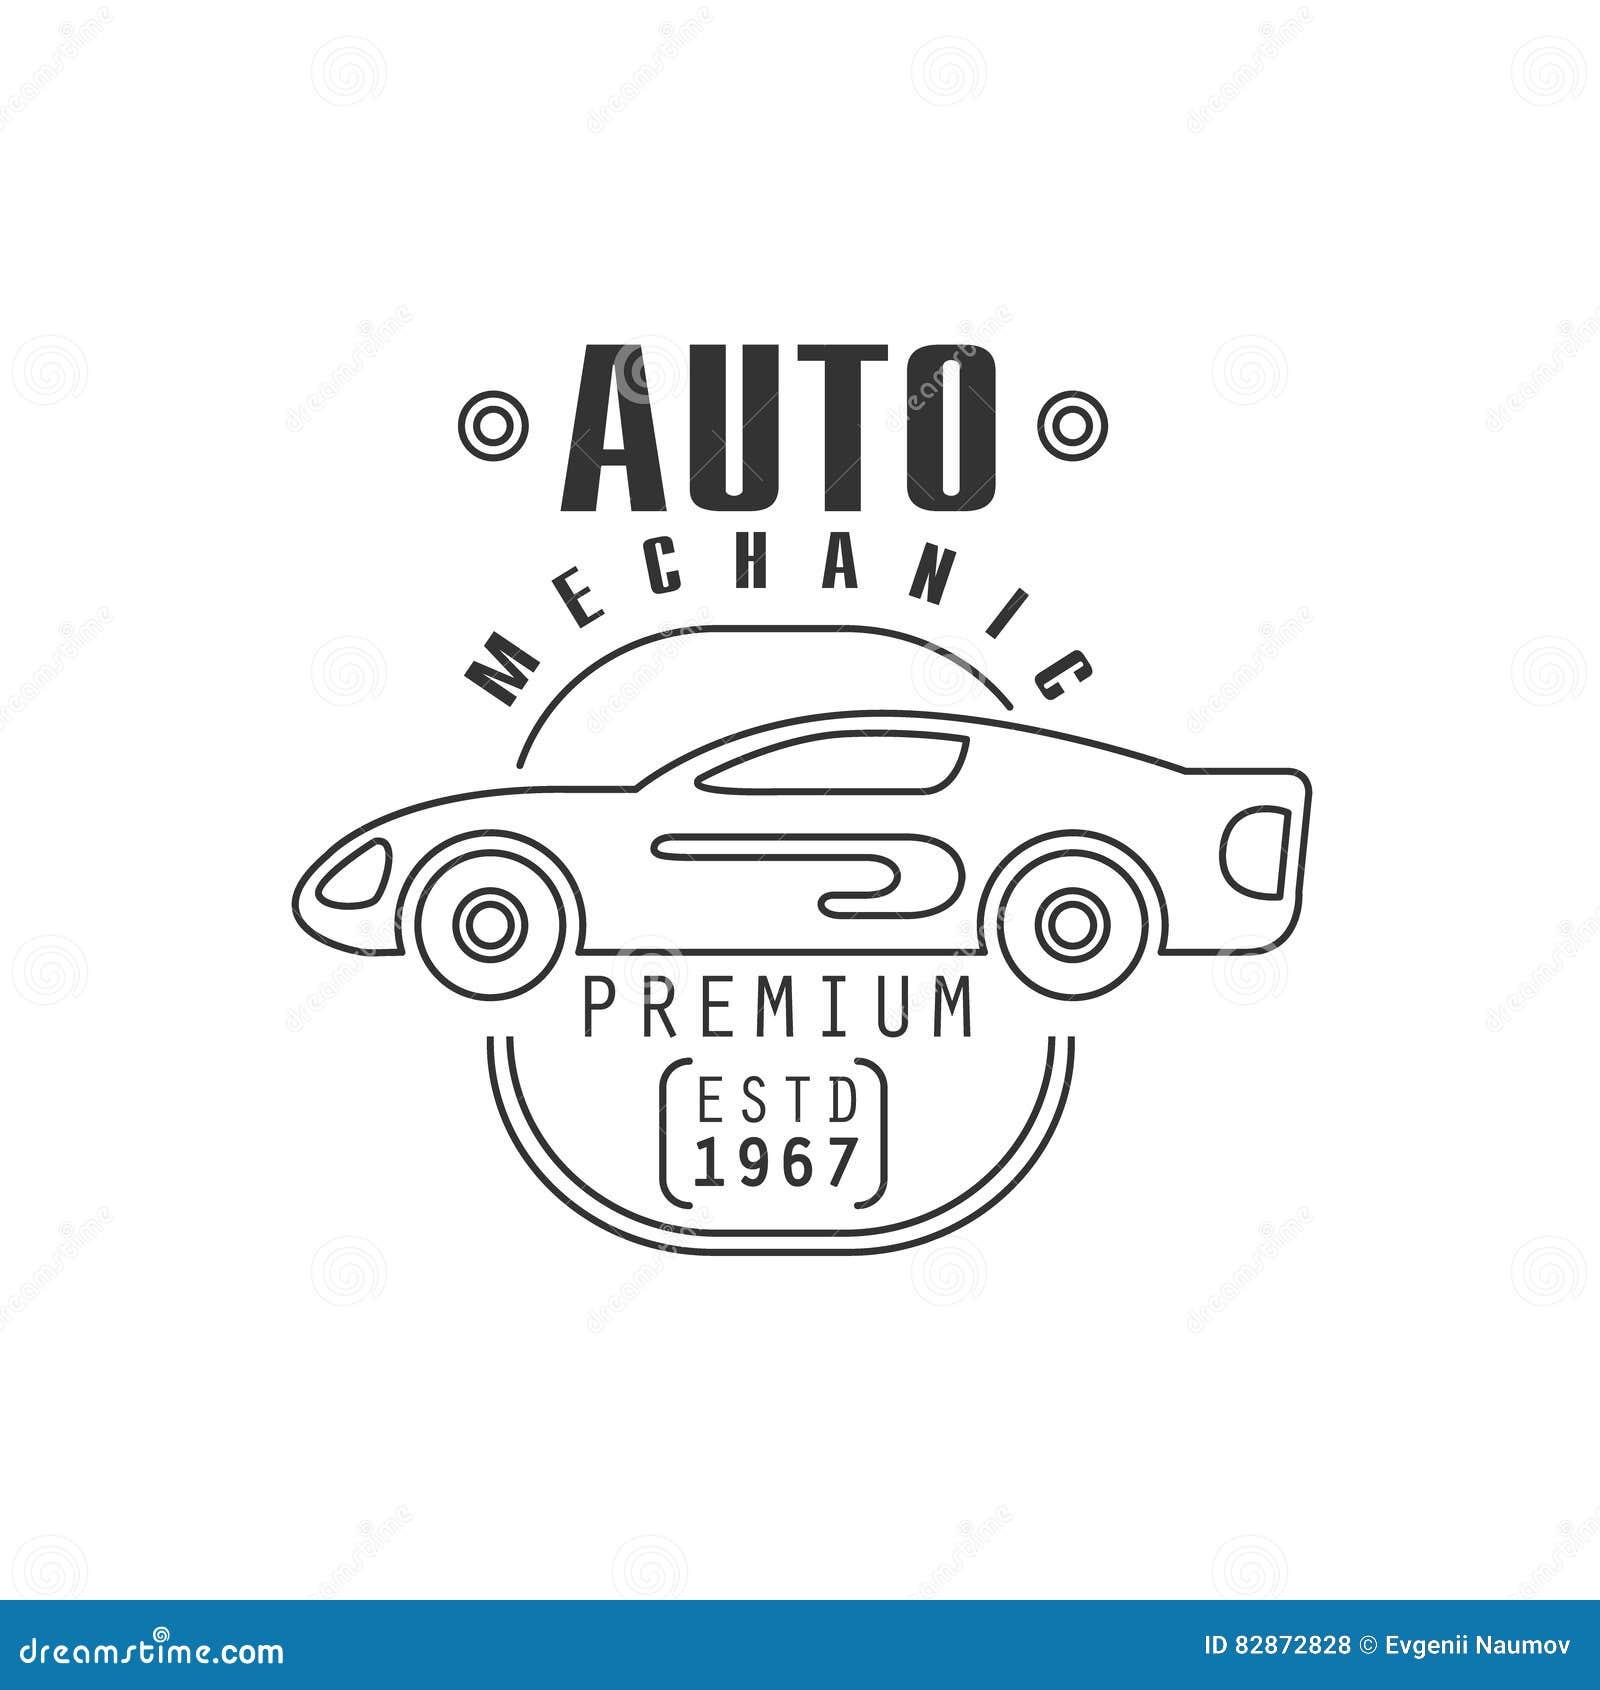 Design car repair workshop - Car Repair Workshop Black And White Label Design Template